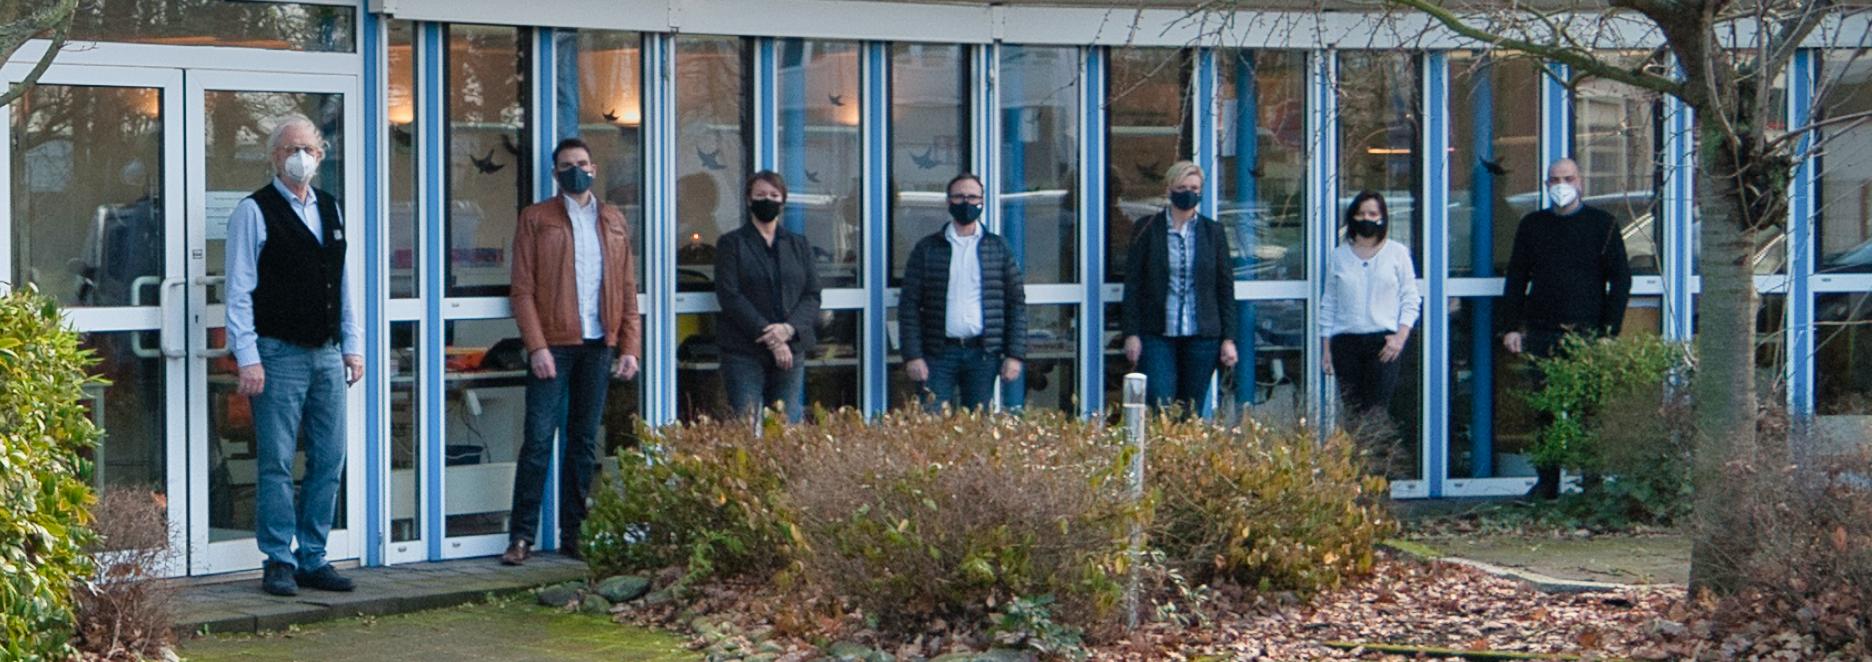 Asis Team mit Maske